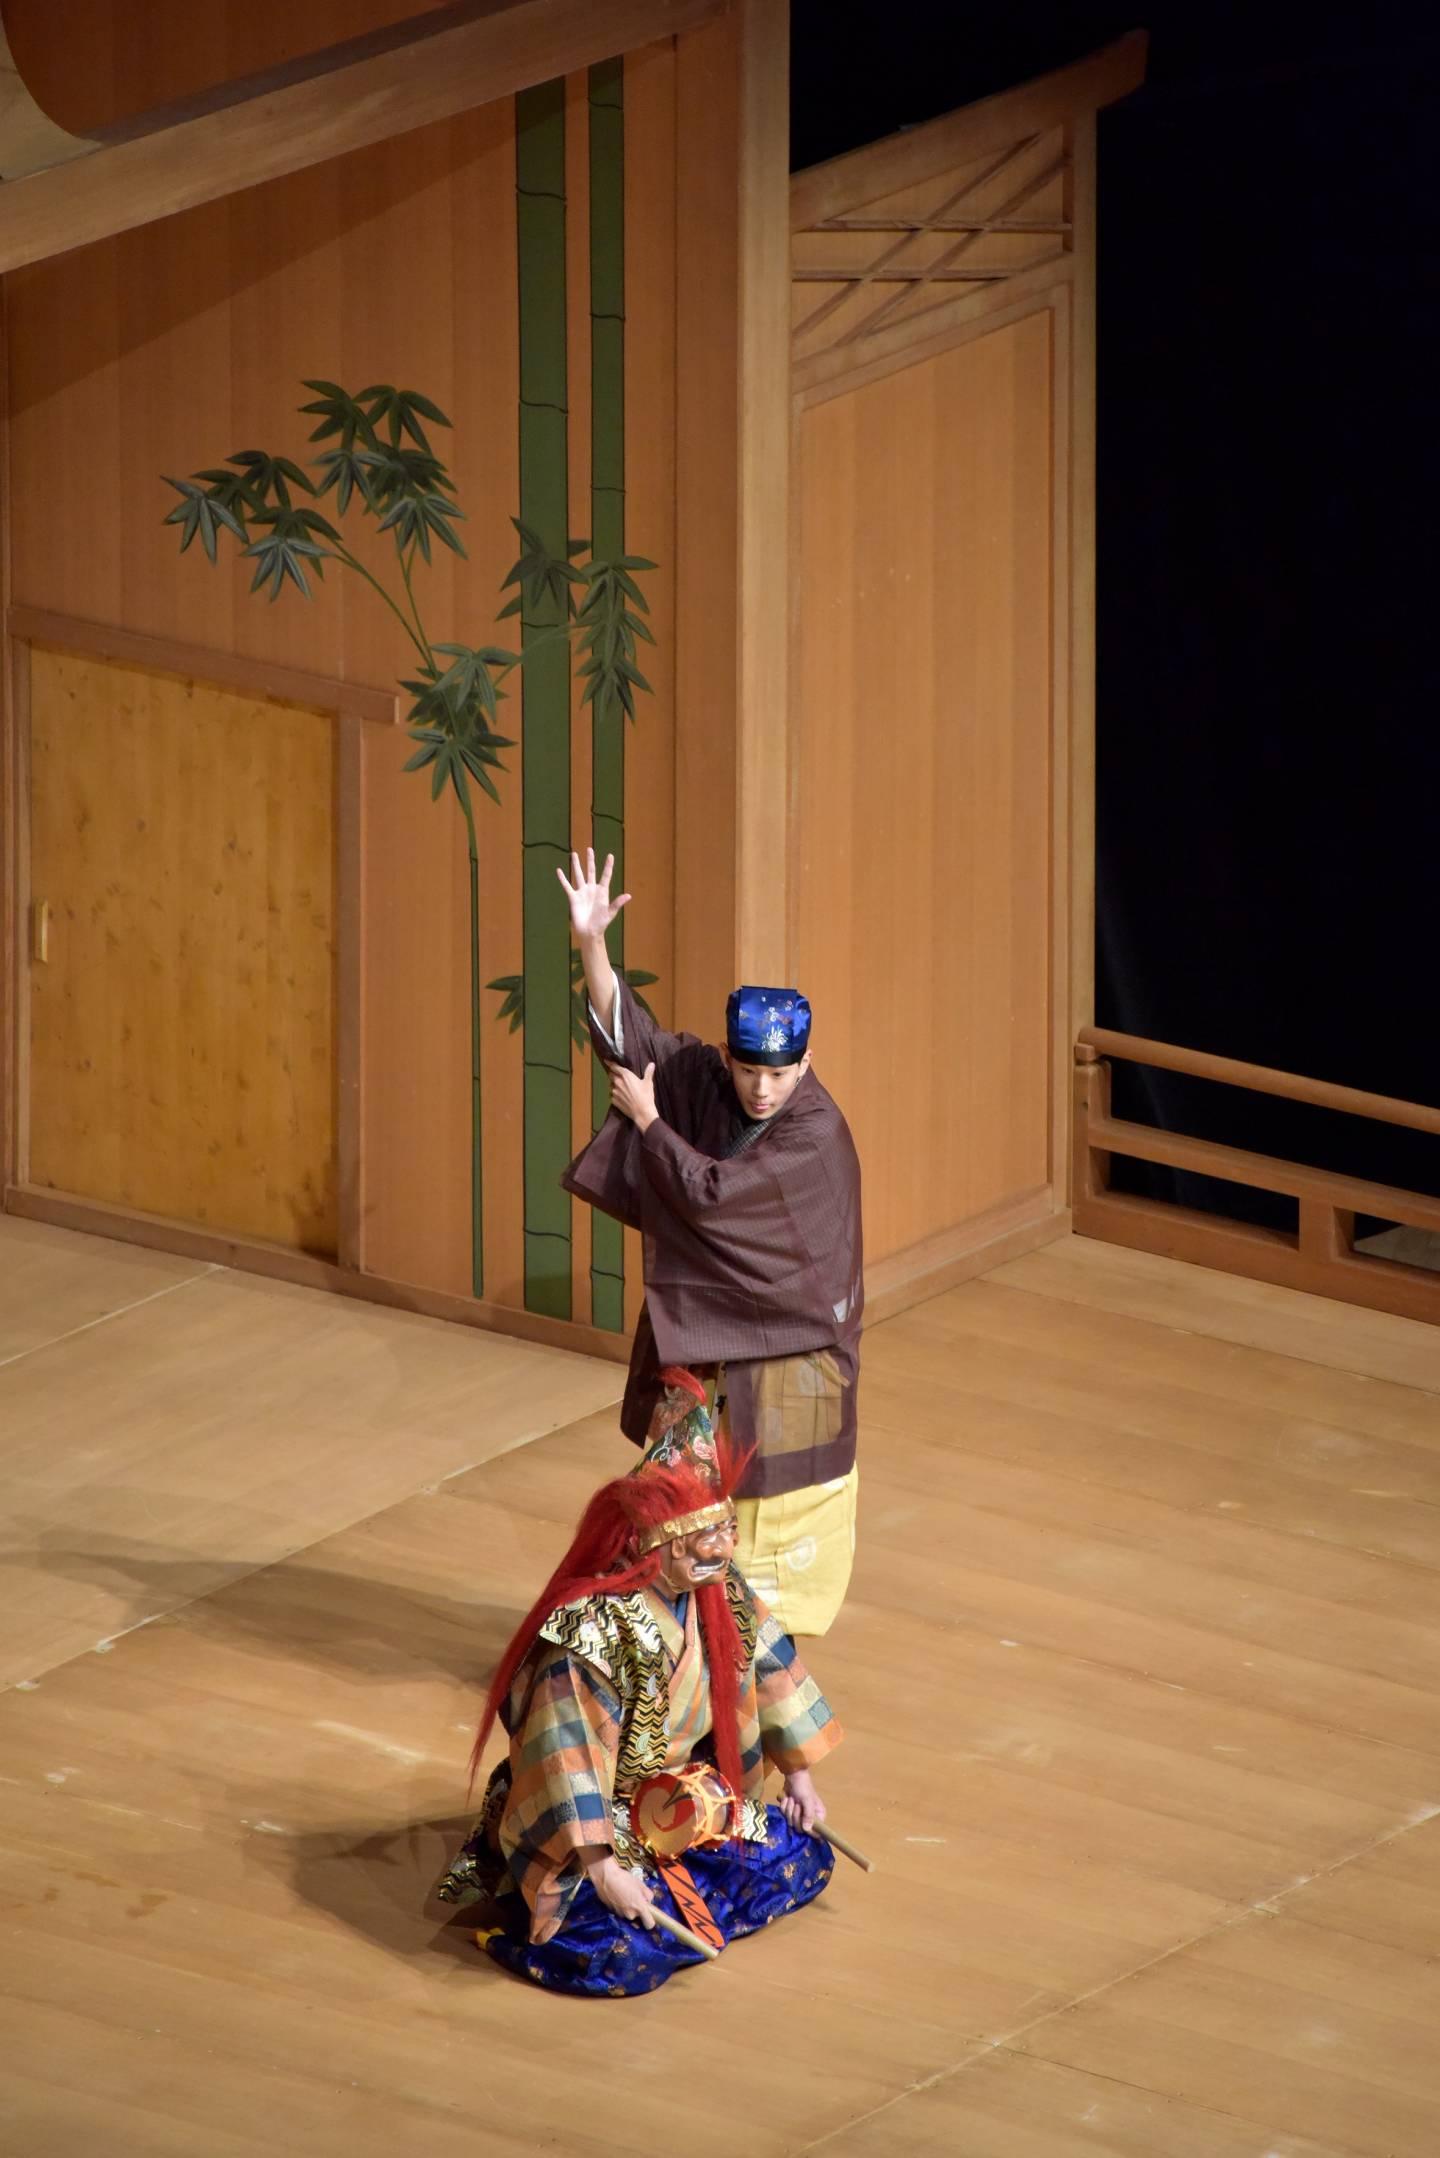 Aufführung eines Noh-Theaterstücks